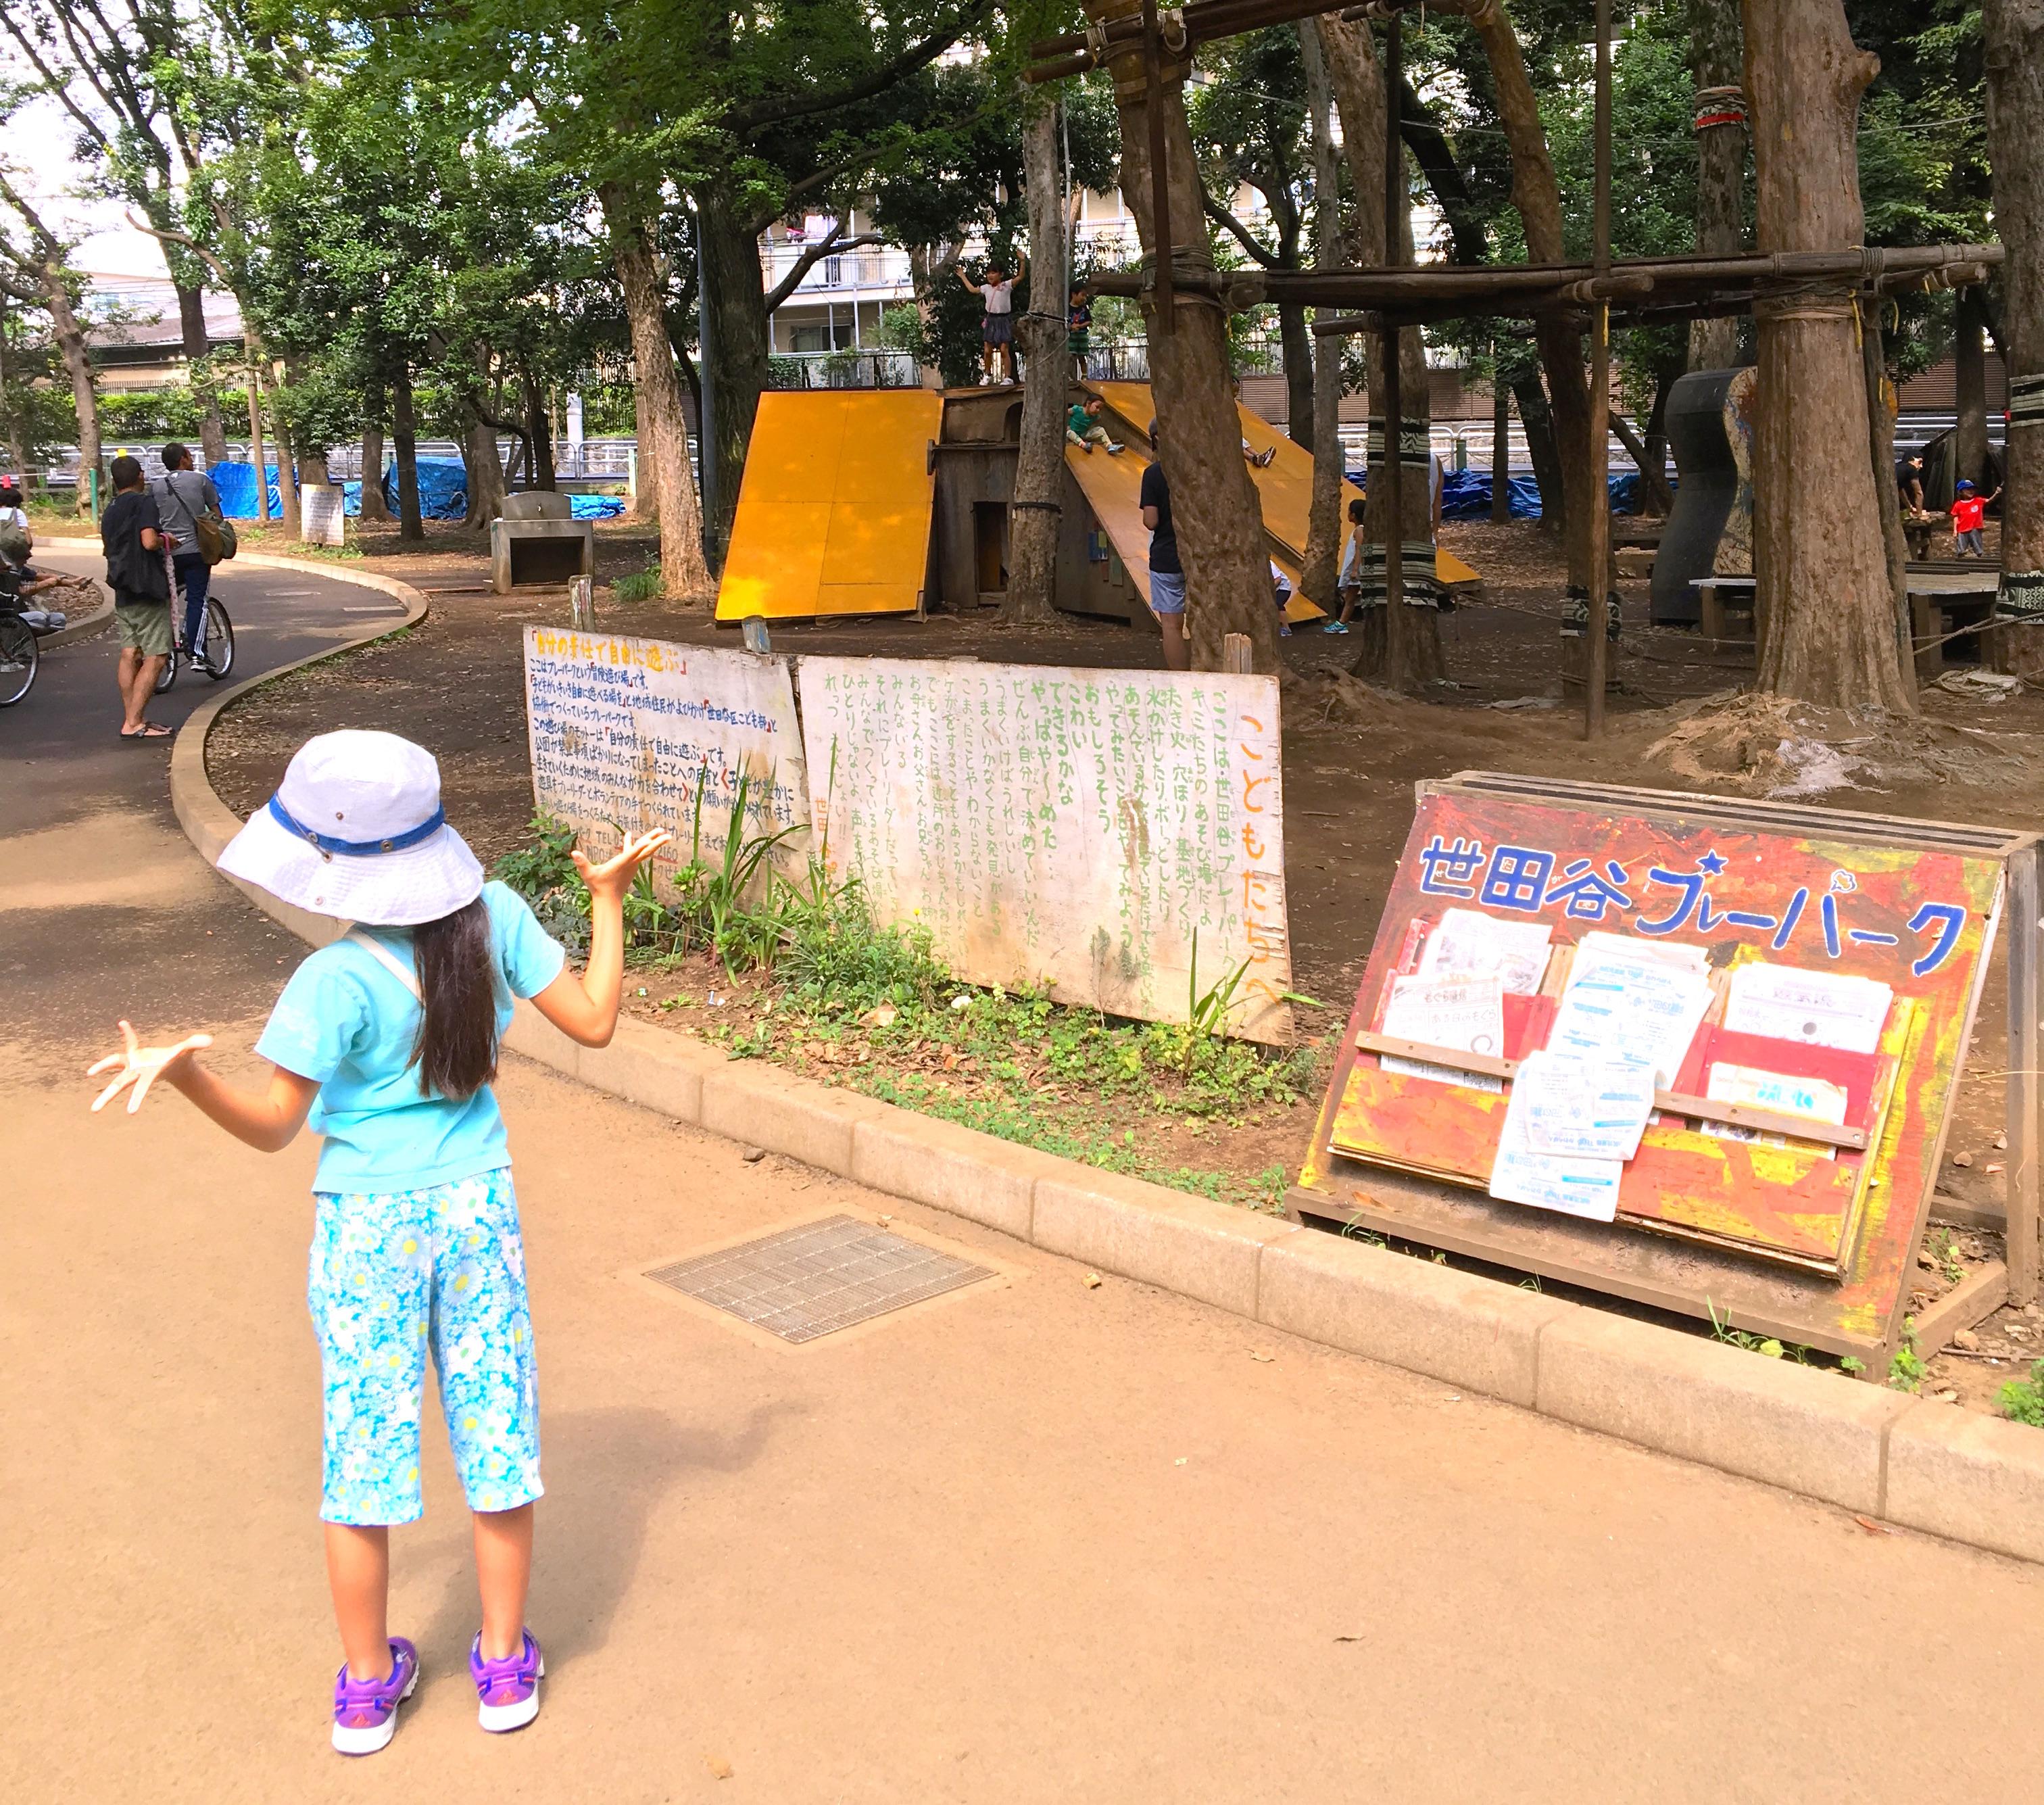 長女とポケモンGOの旅⑤世田谷公園でカブト取り〜夏休み後とポケモン後